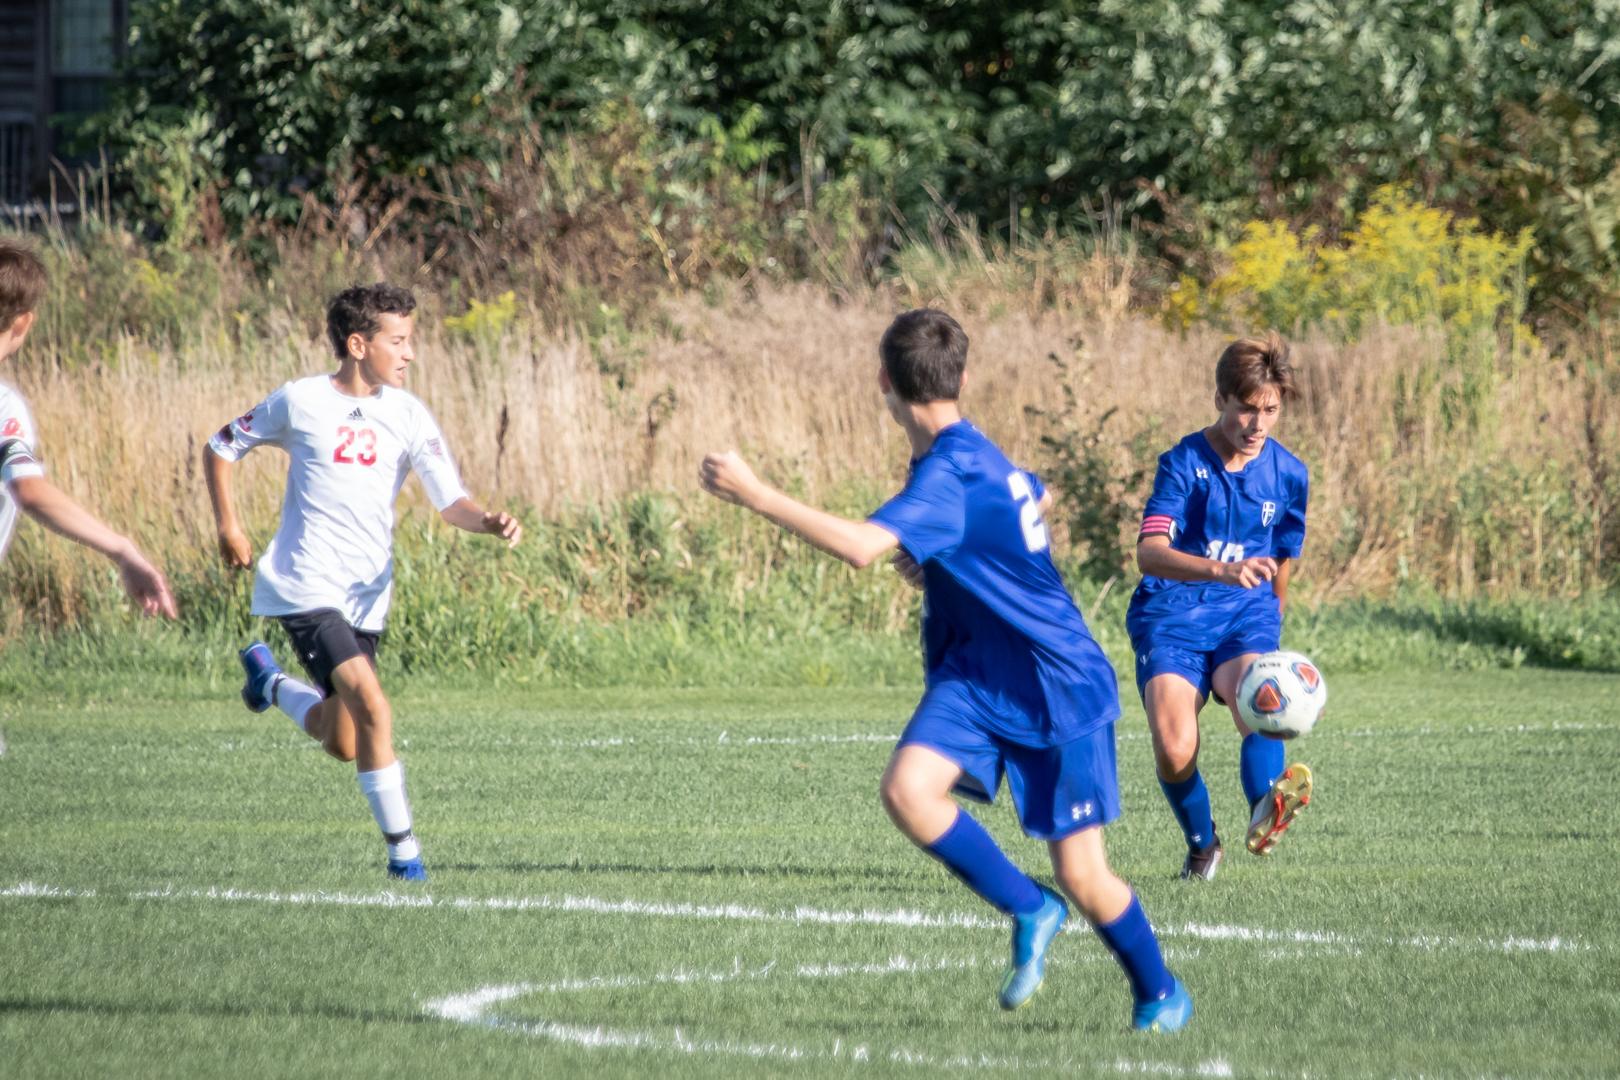 Marian-JV-Boys-Soccer-9027.jpg